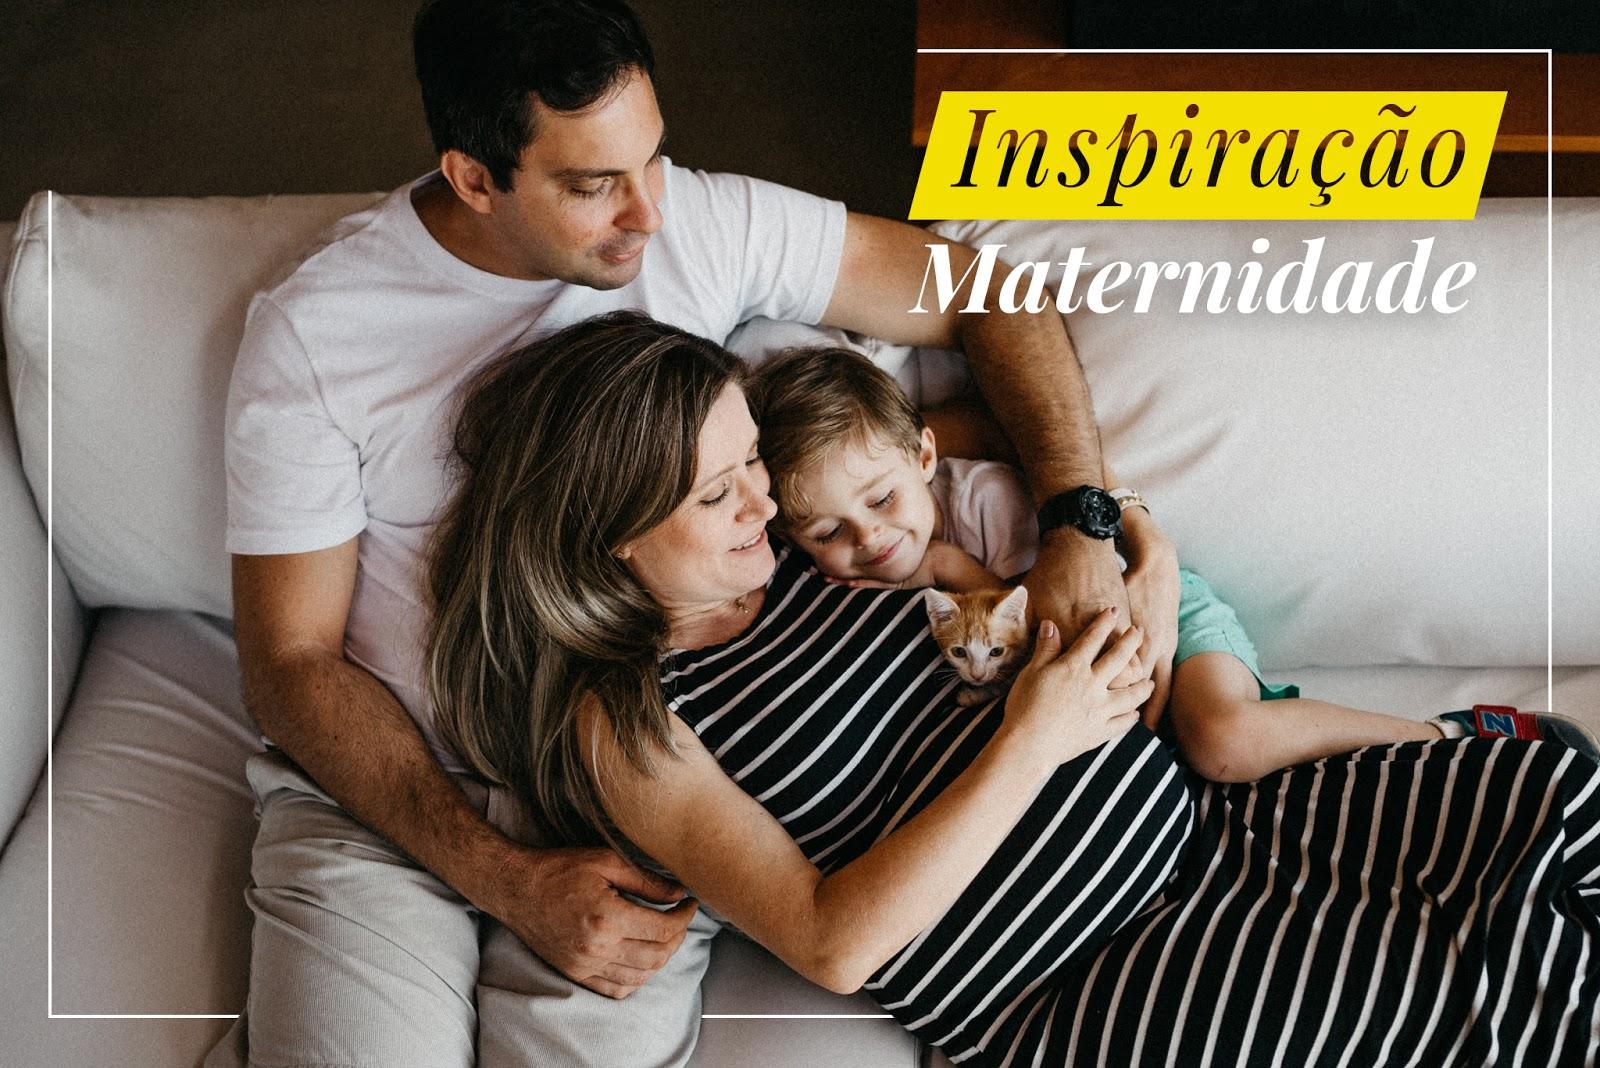 9 Filmes para assistir durante a gravidez | Inspire-se |